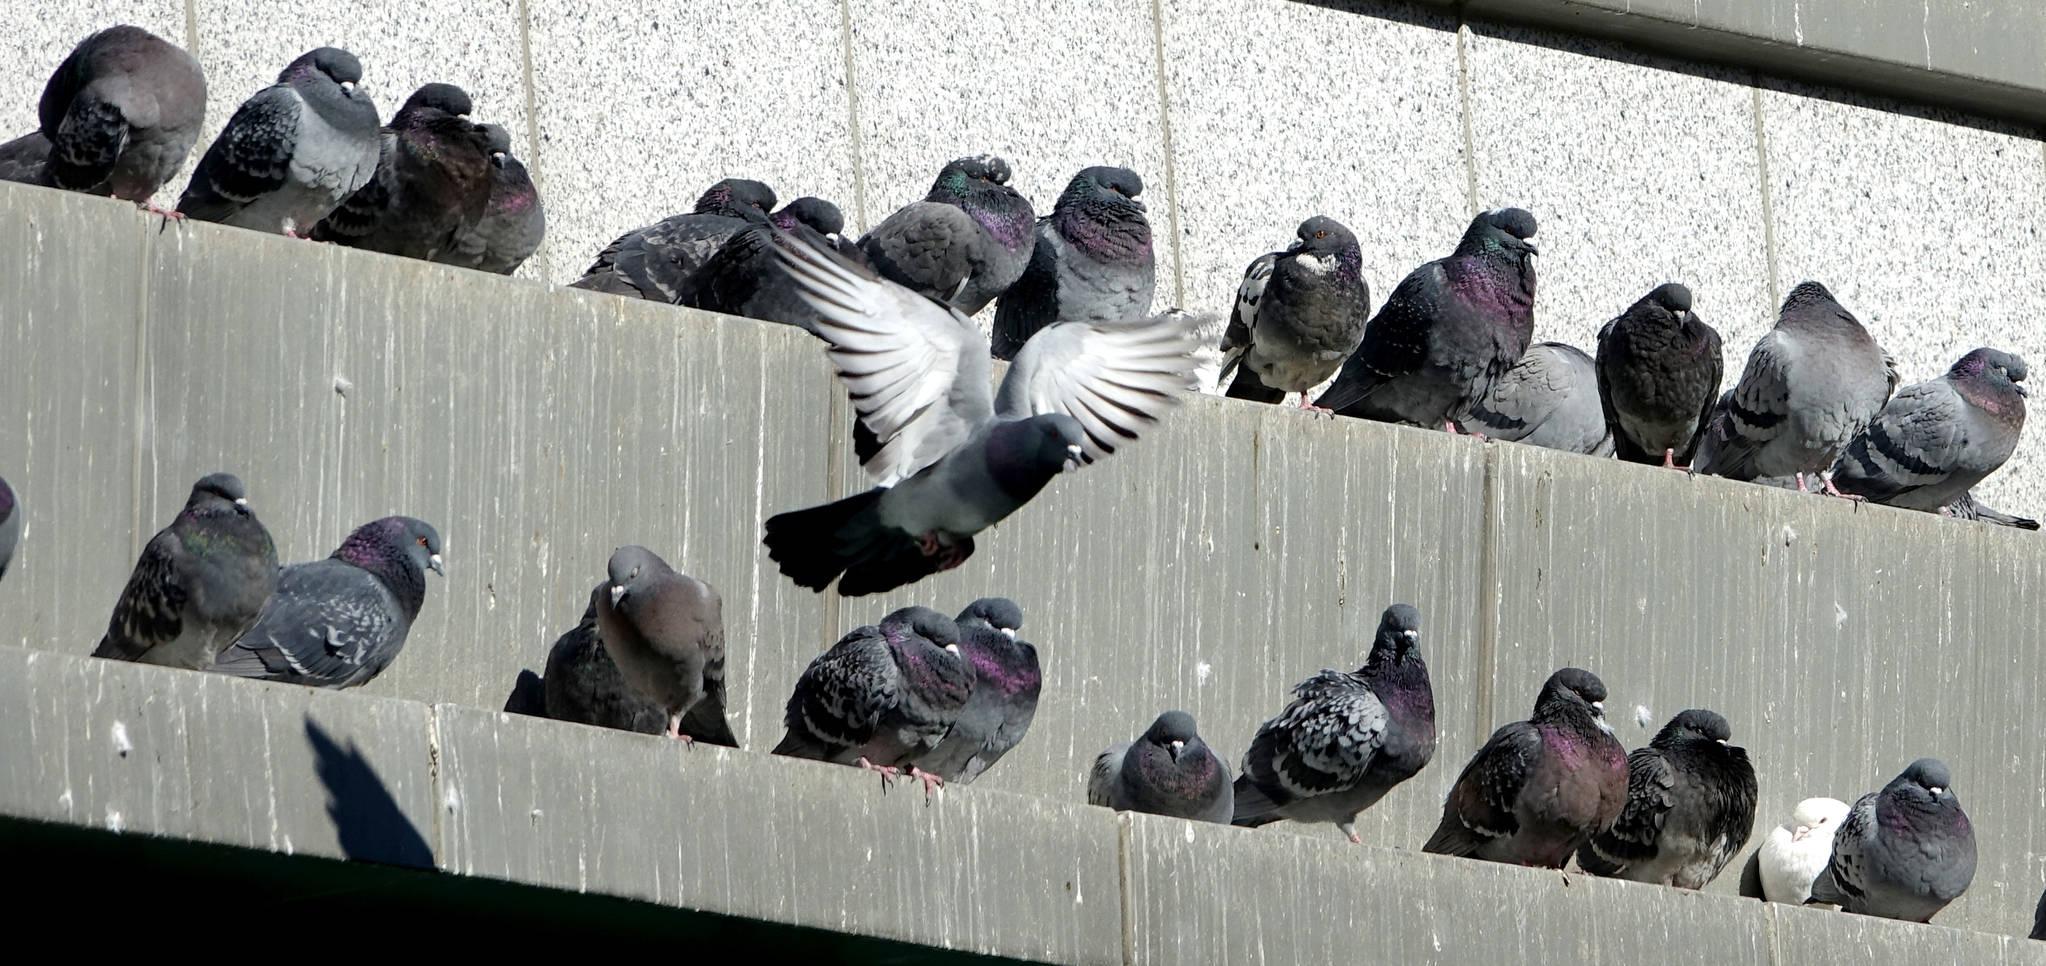 서울지역 최저 기온이 영하 11도까지 내려간 지난해 12월 27일 서울시 종로구 조계사 불교역사 박물관 건물 난간 양지바른 곳에 비둘기들이 나란히 앉아 햇볕을 쬐고 있다. [연합뉴스]